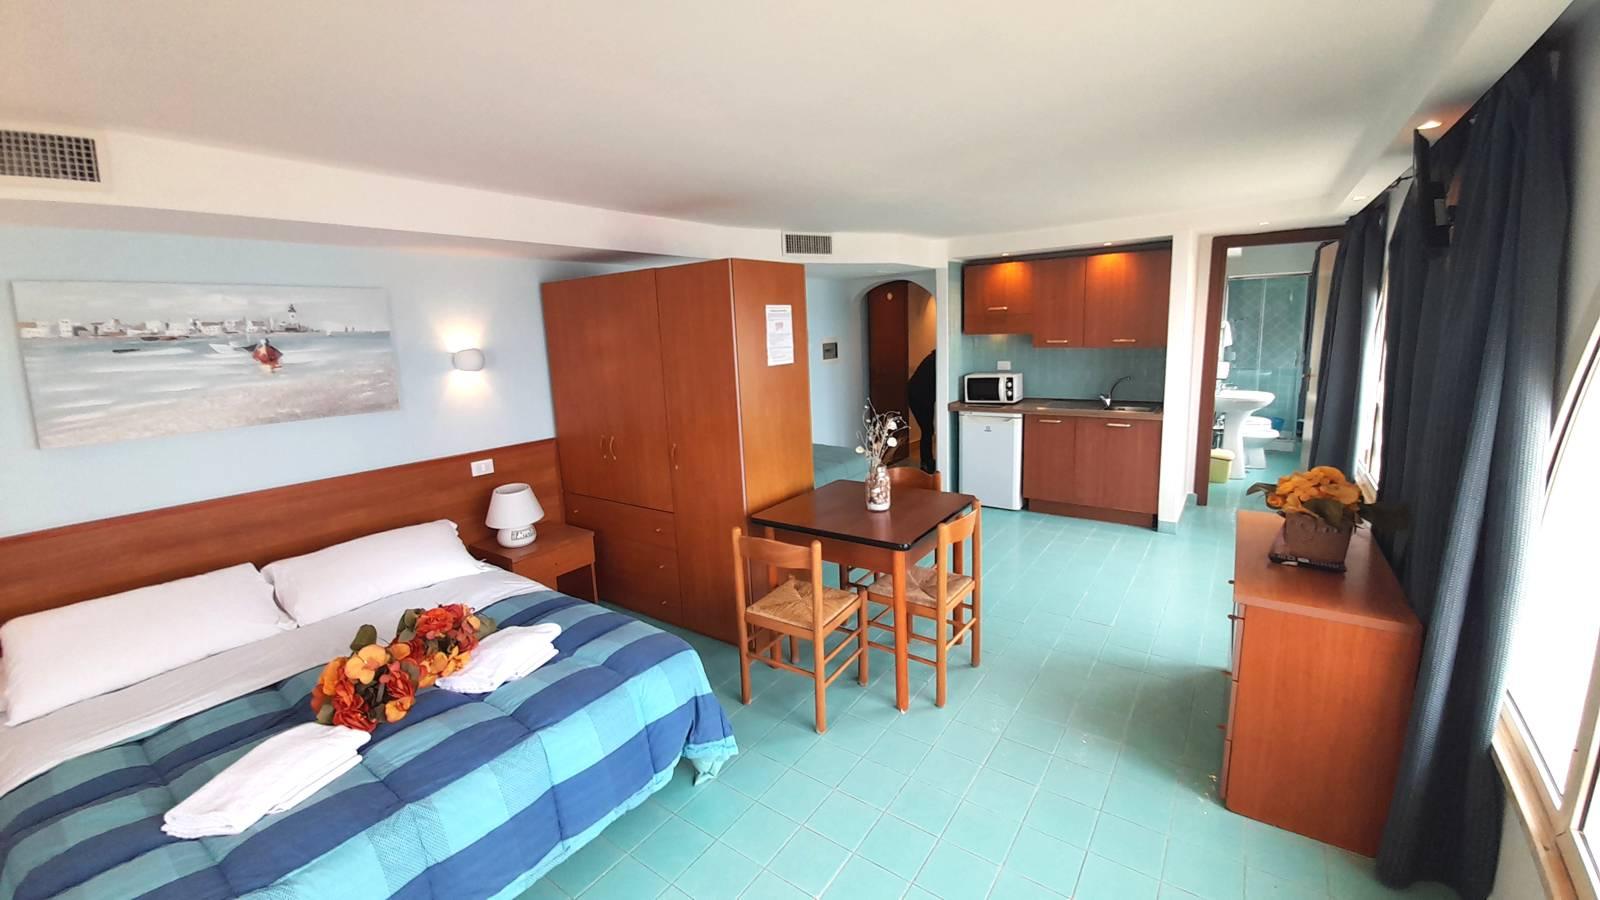 elianto_residence_anzio_appartamenti_fronte_mare_hotel_orchidea_interno_27